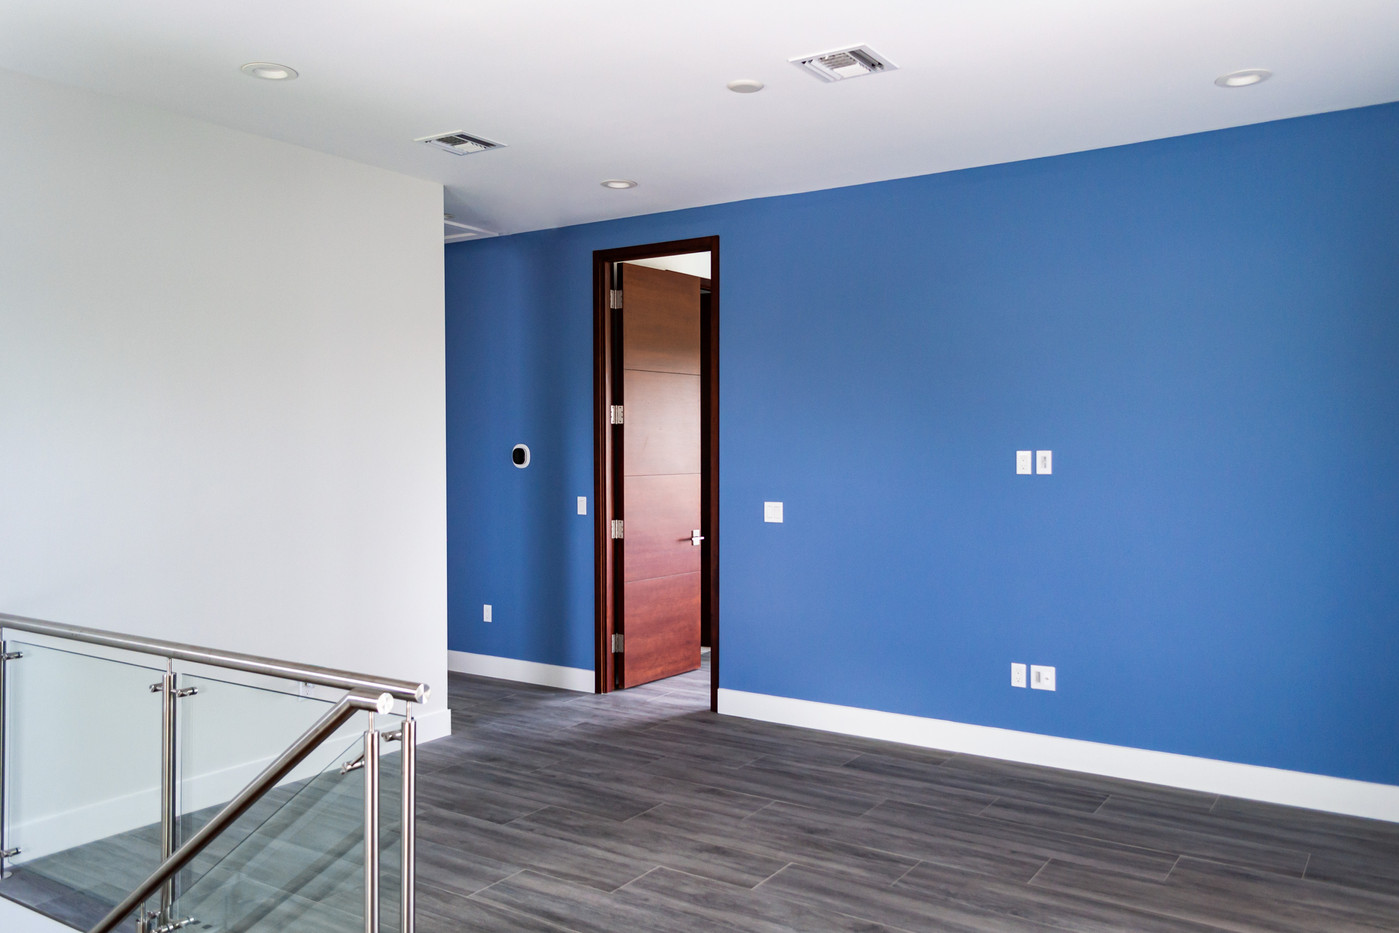 Xanadu-Room-door.jpg